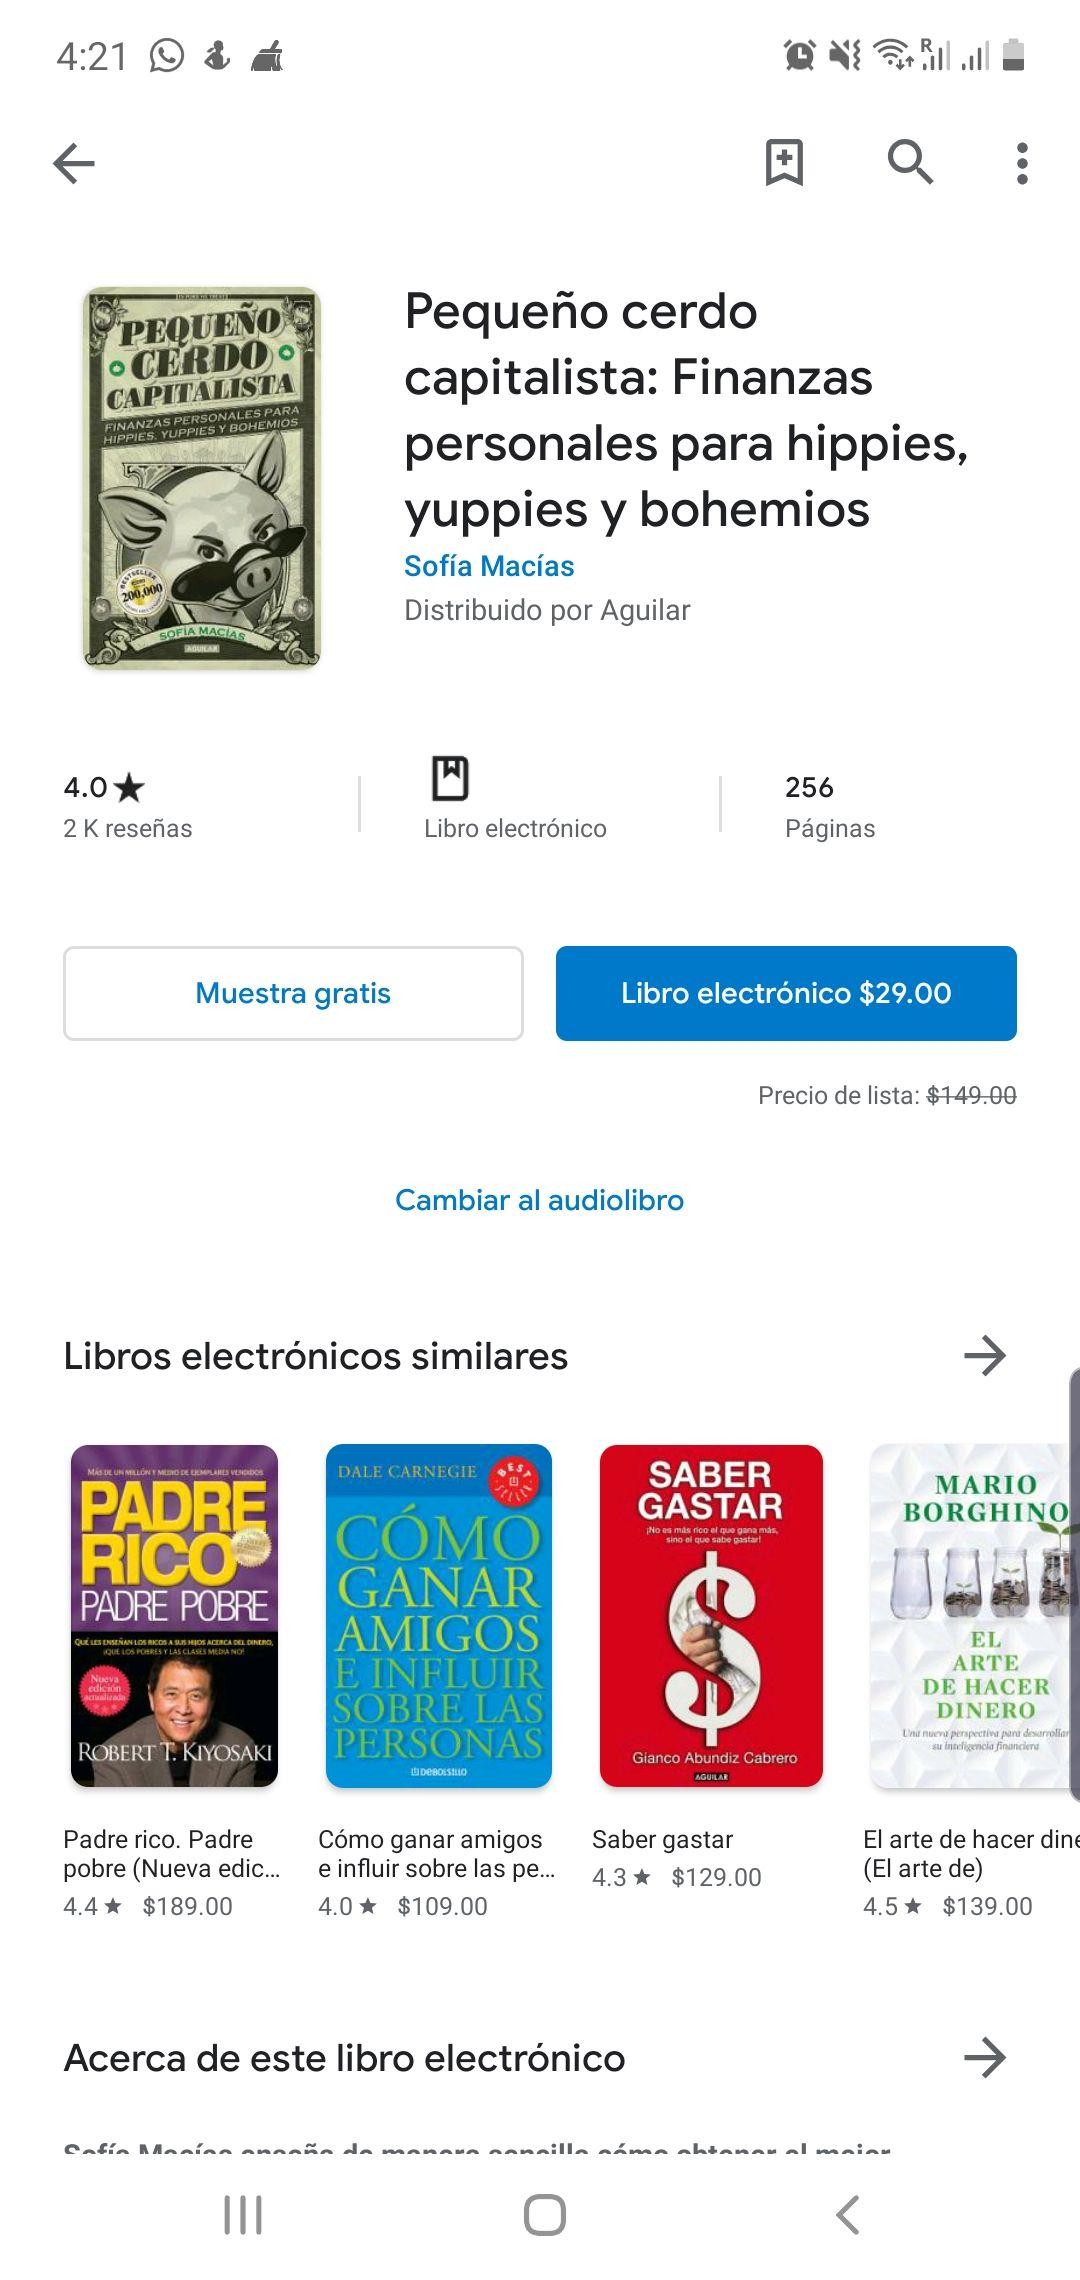 Play Store: Pequeño cerdo capitalista (libro electrónico)